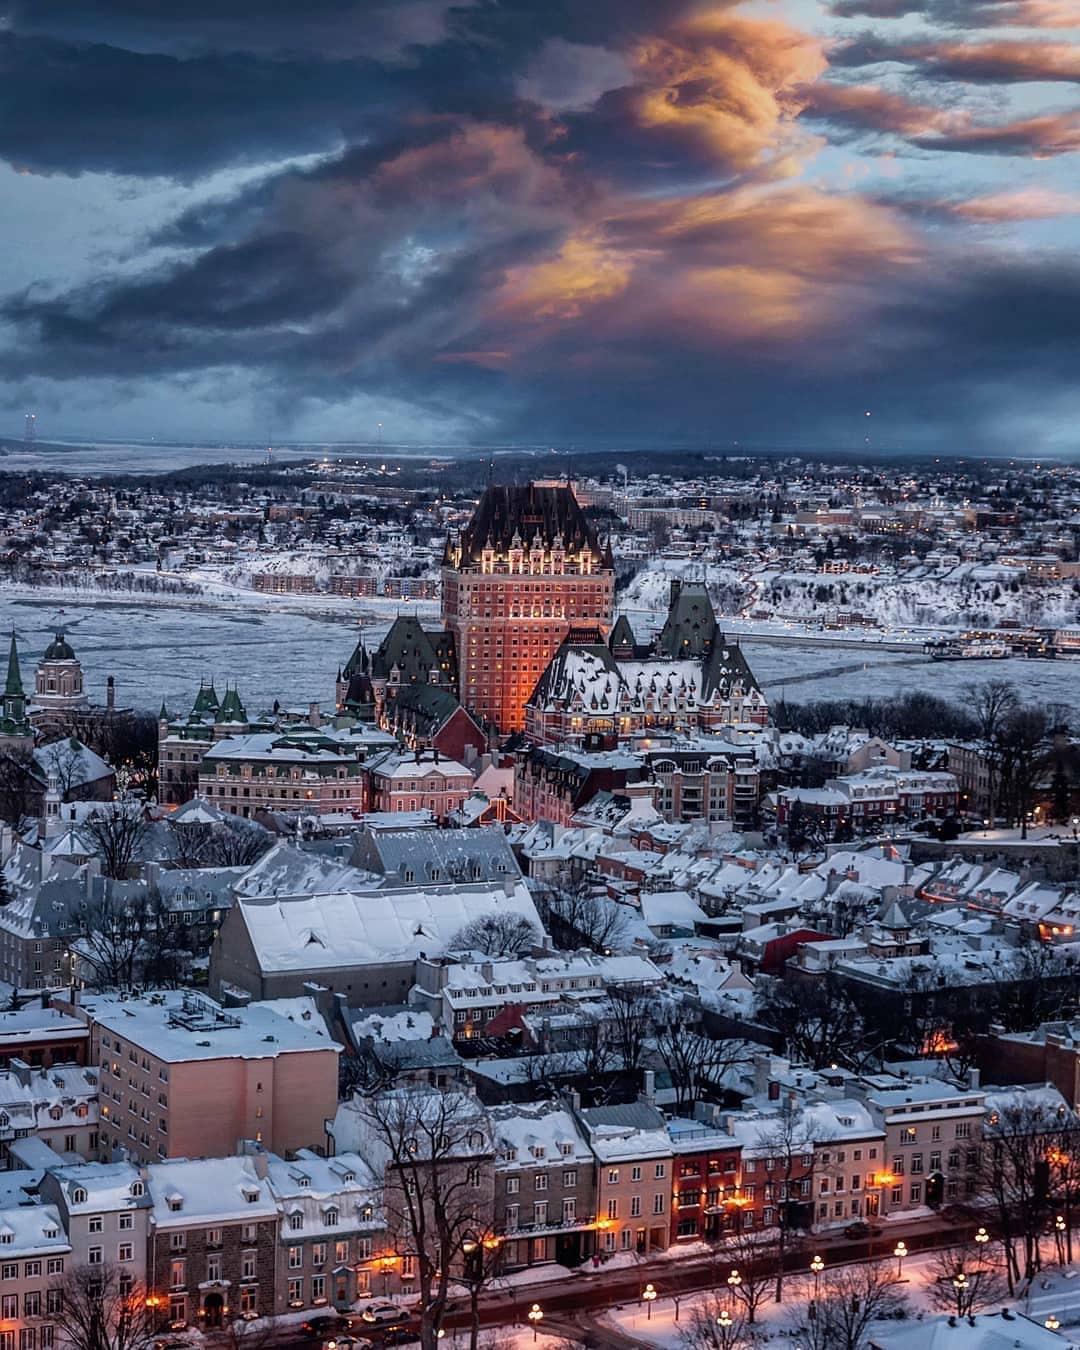 冬季的魁北克,美得像童话